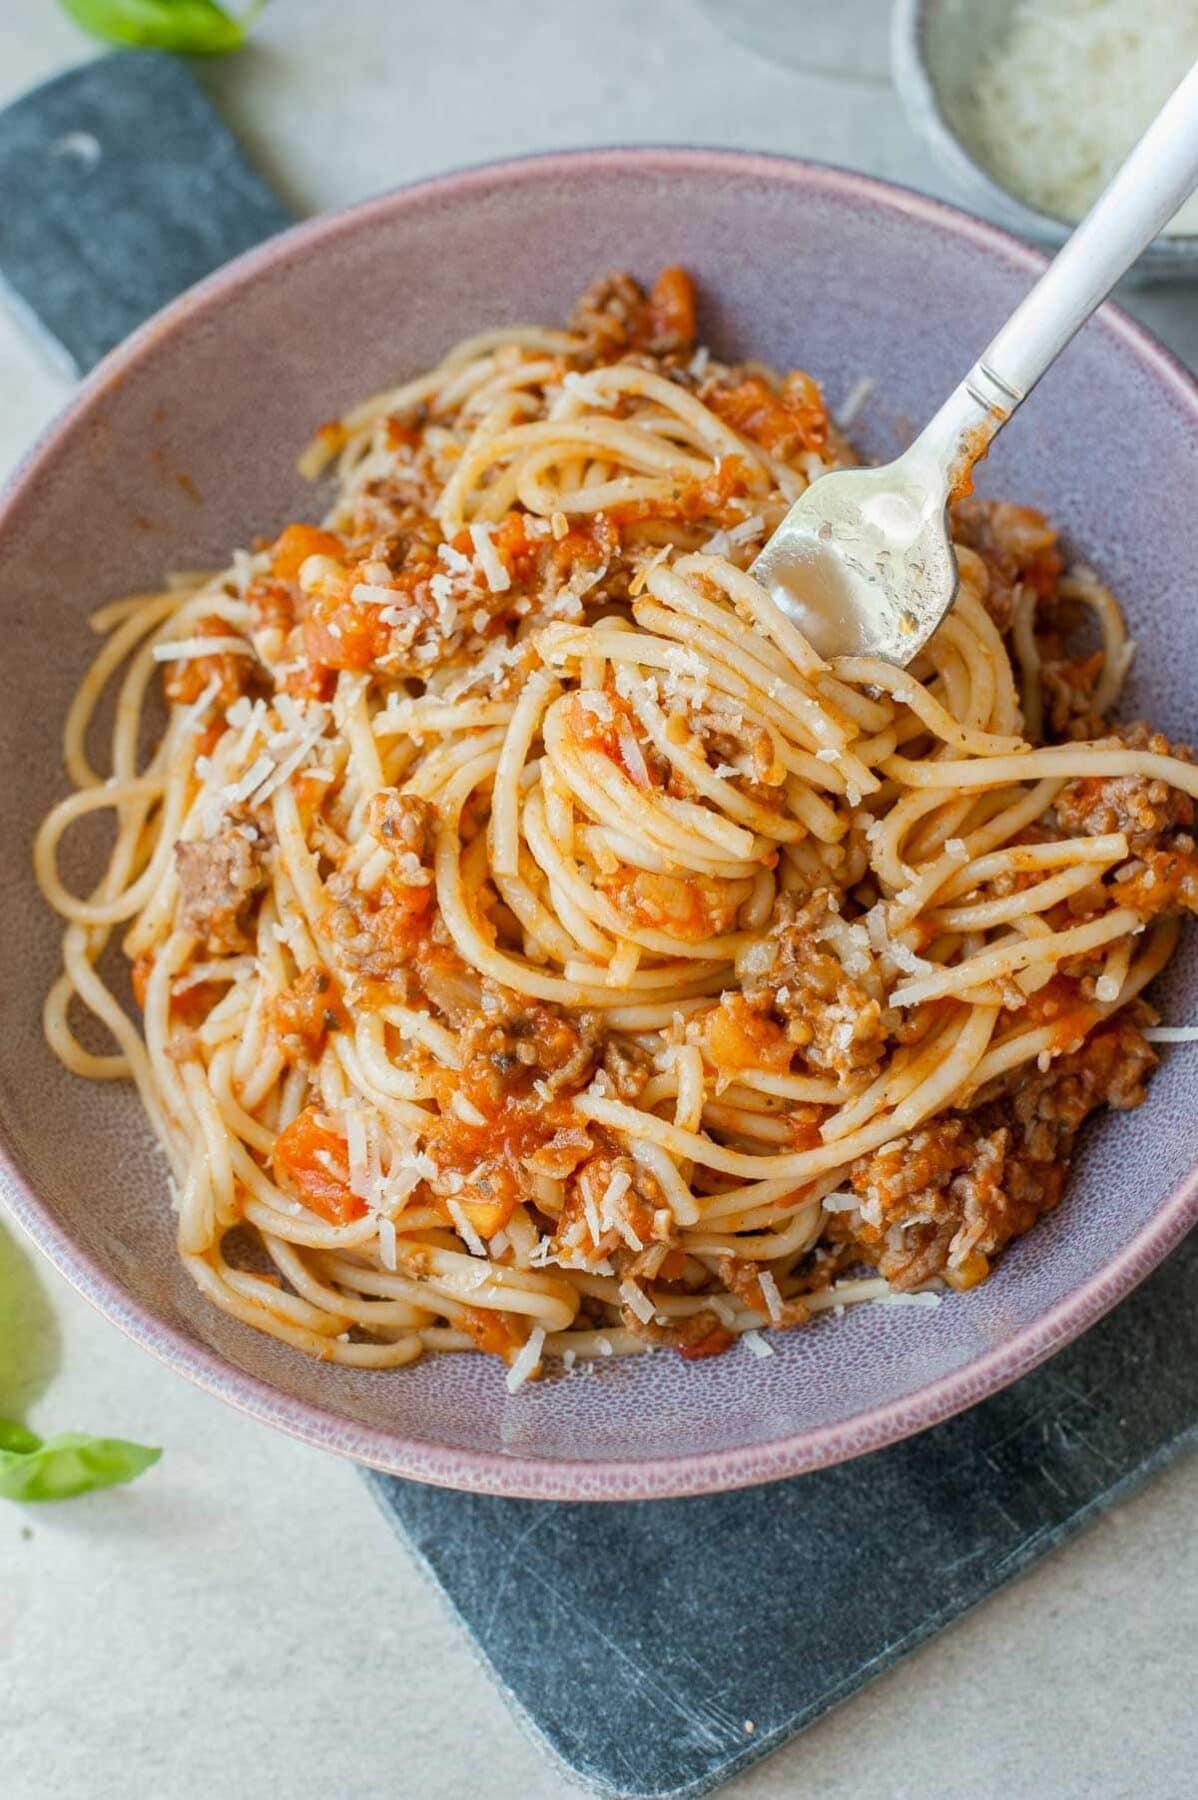 spaghetti z mięsem i sosem ze świeżych pomidorów nabite na widelec w fioletowej misce